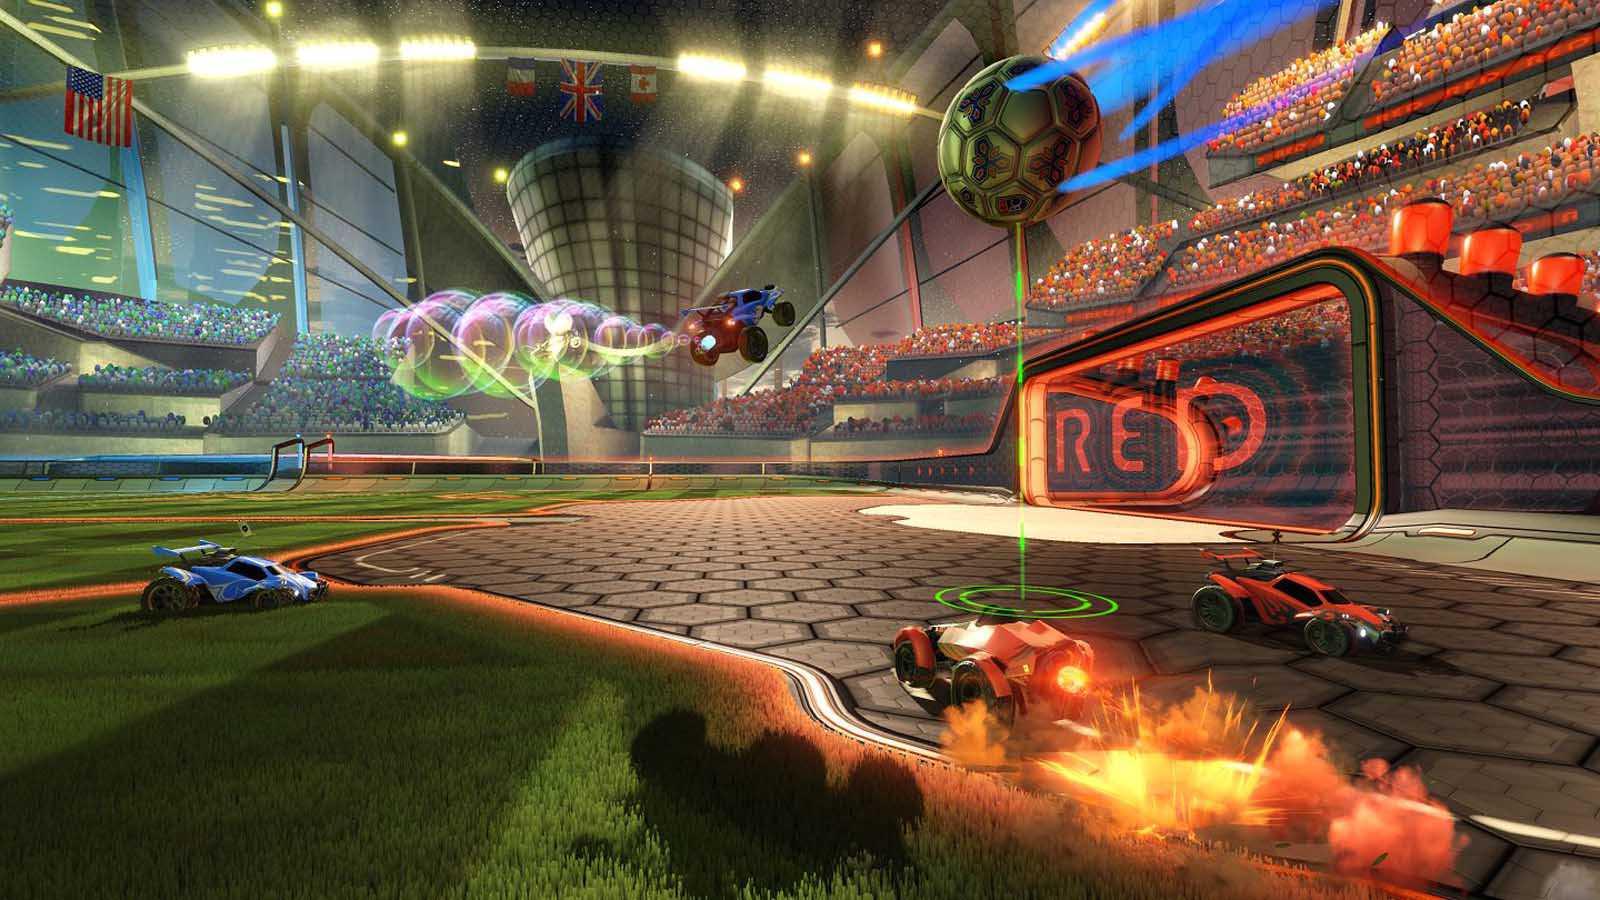 تحميل لعبة Rocket League مضغوطة كاملة بروابط مباشرة مجانا